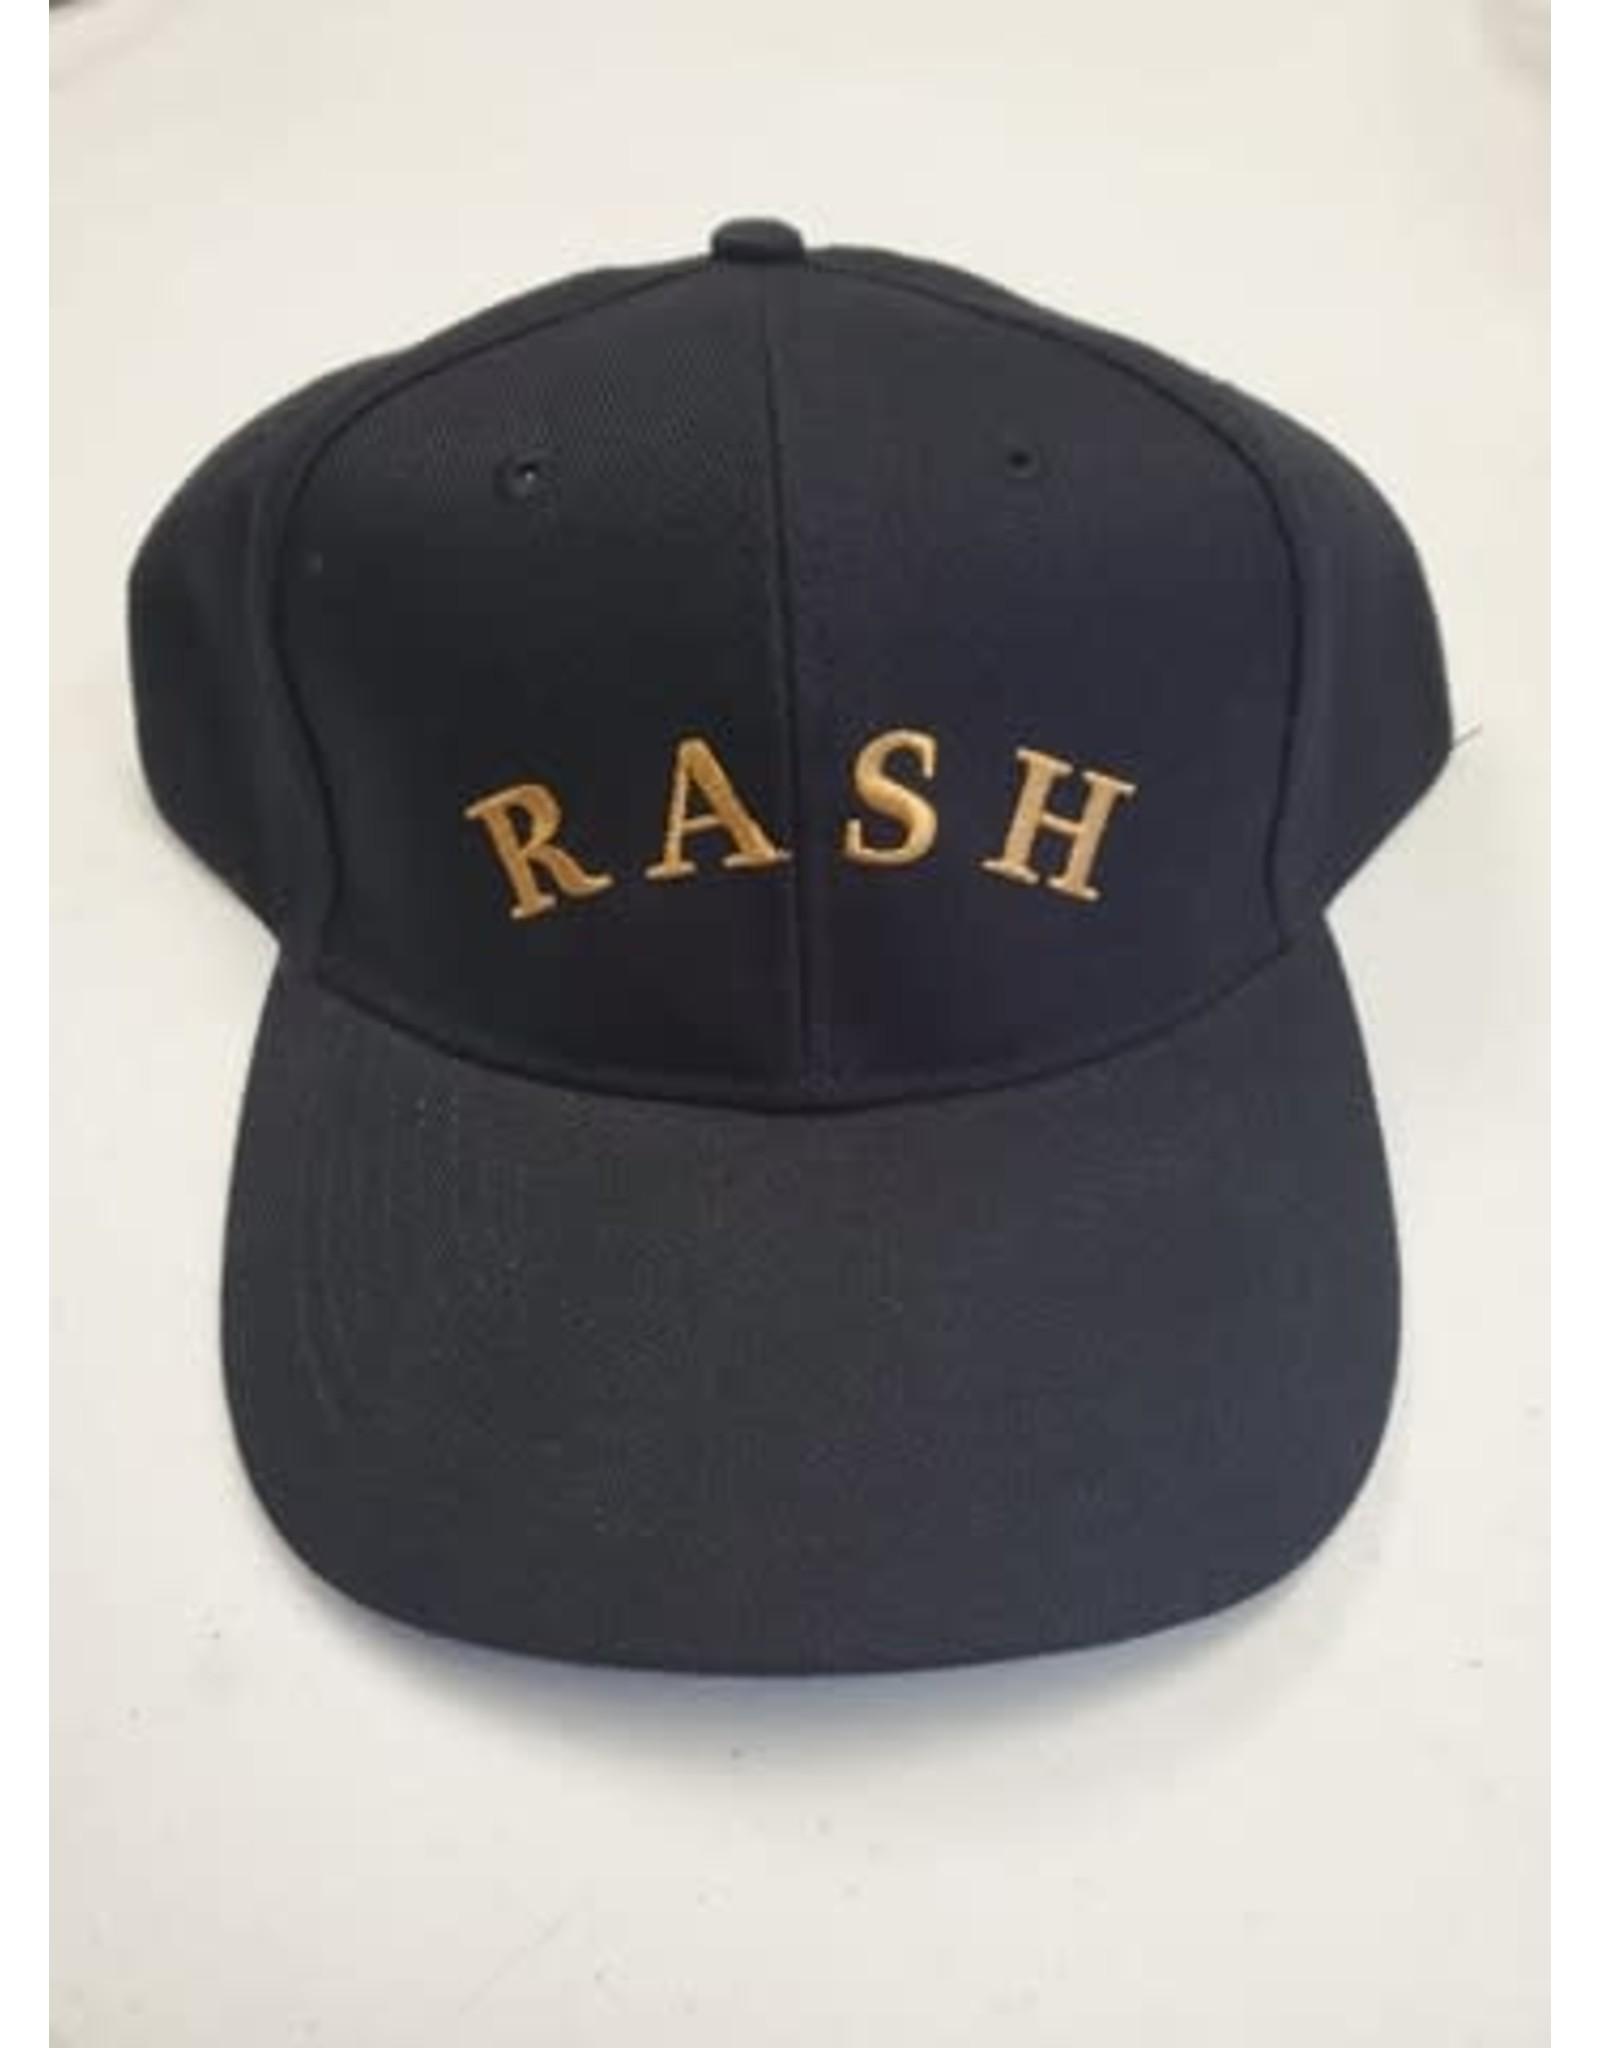 RASH FAC Hat